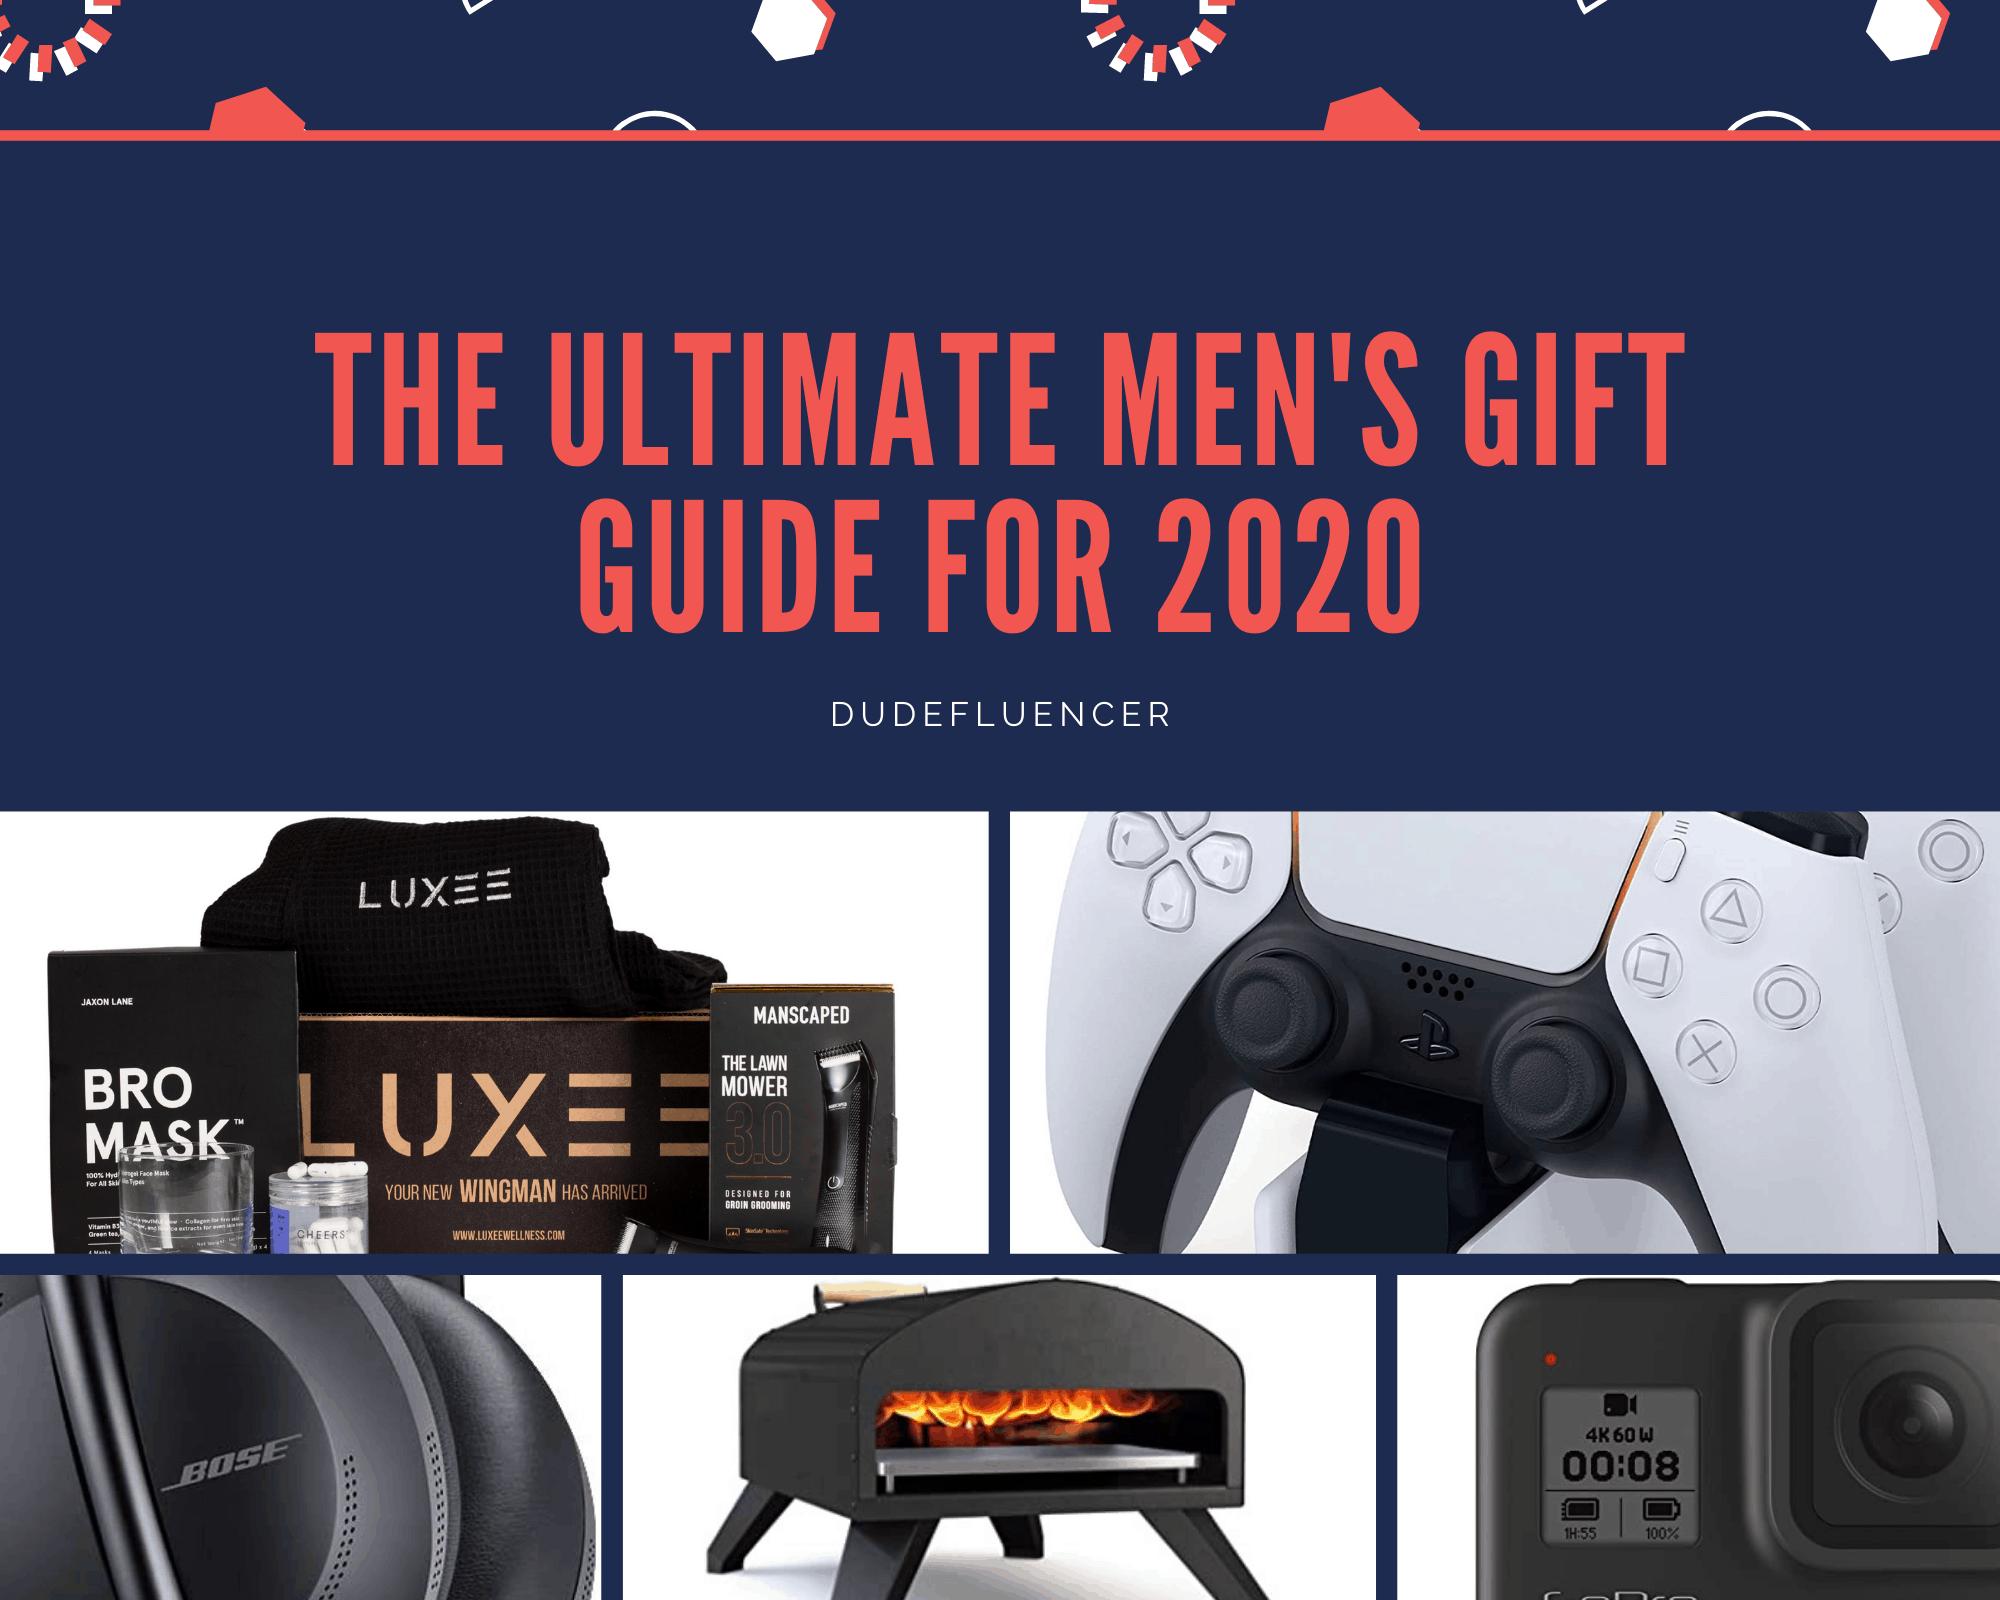 Dudefluencer: Men's Gift Guide for 2020